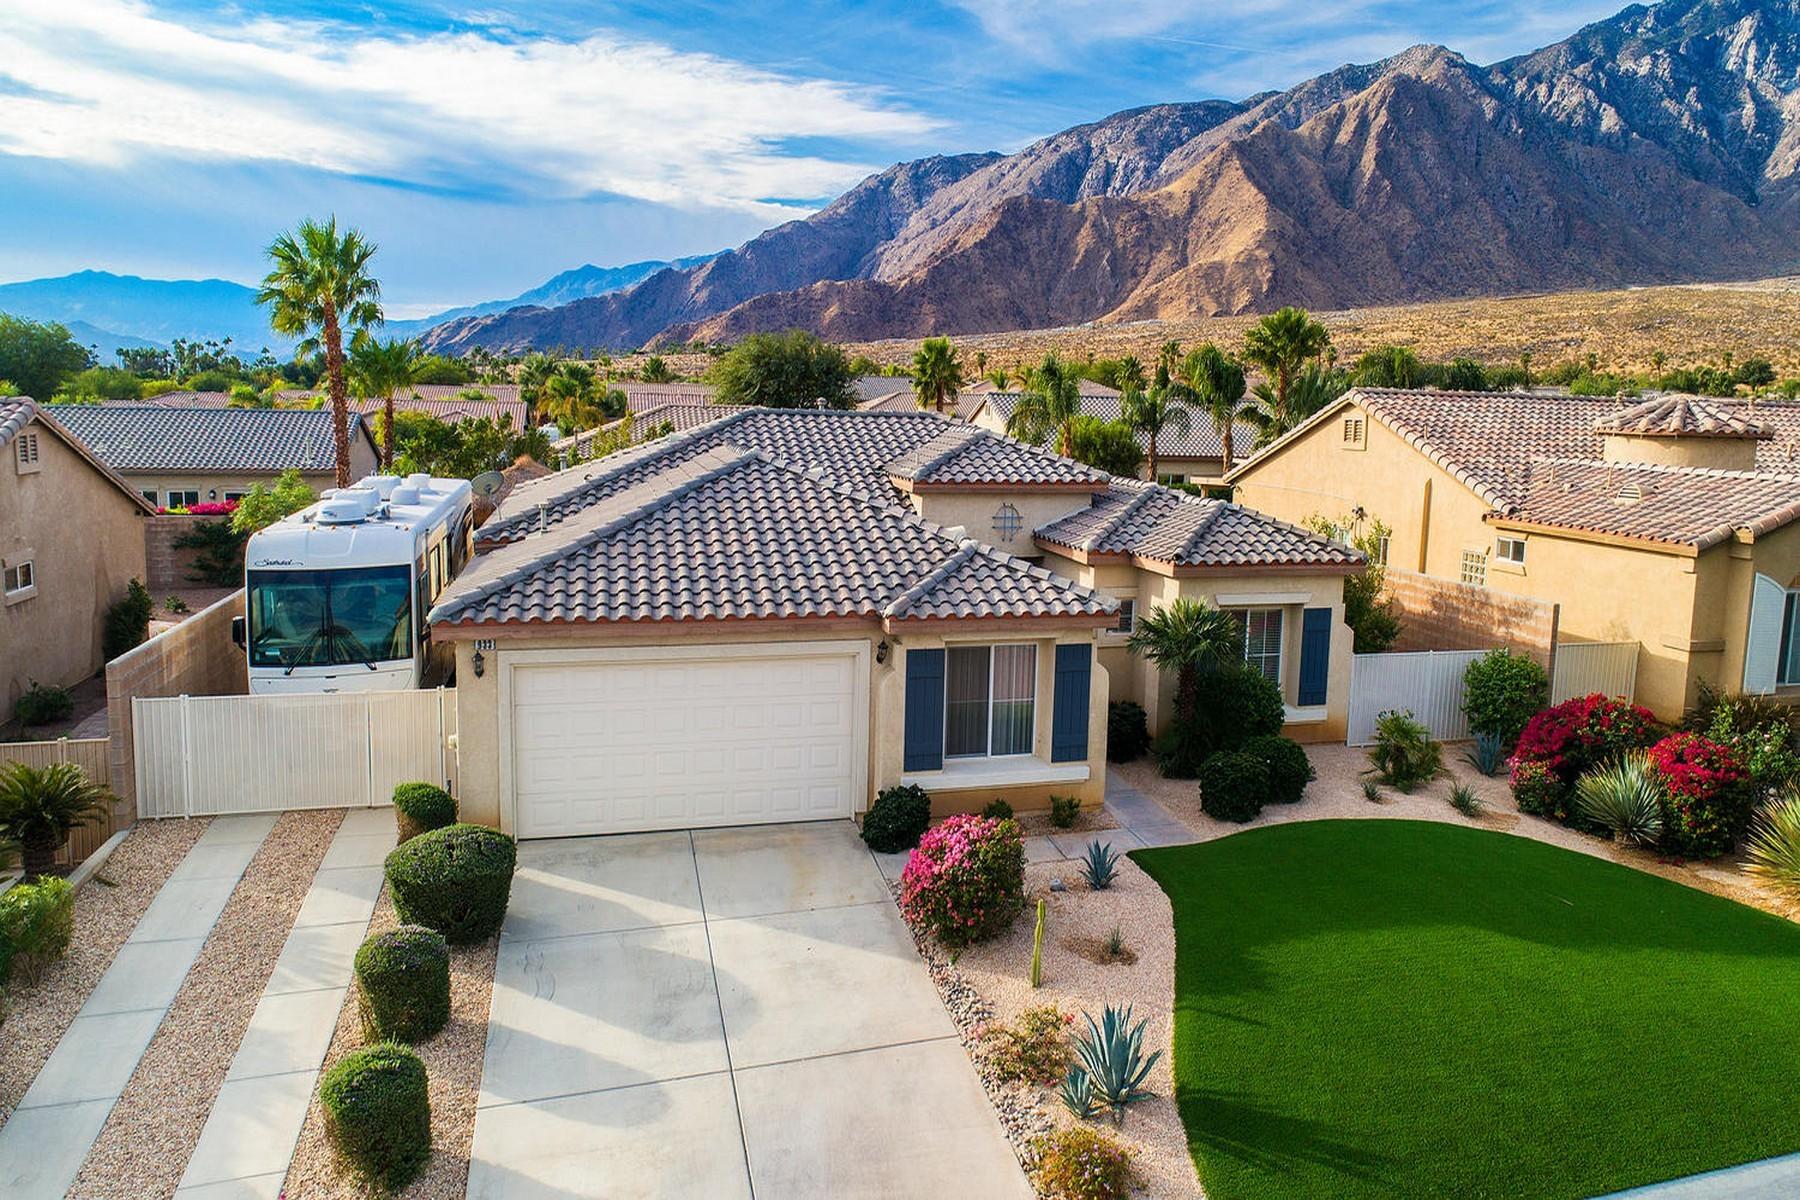 独户住宅 为 销售 在 933 Alta Ridge 棕榈泉, 加利福尼亚州, 92262 美国